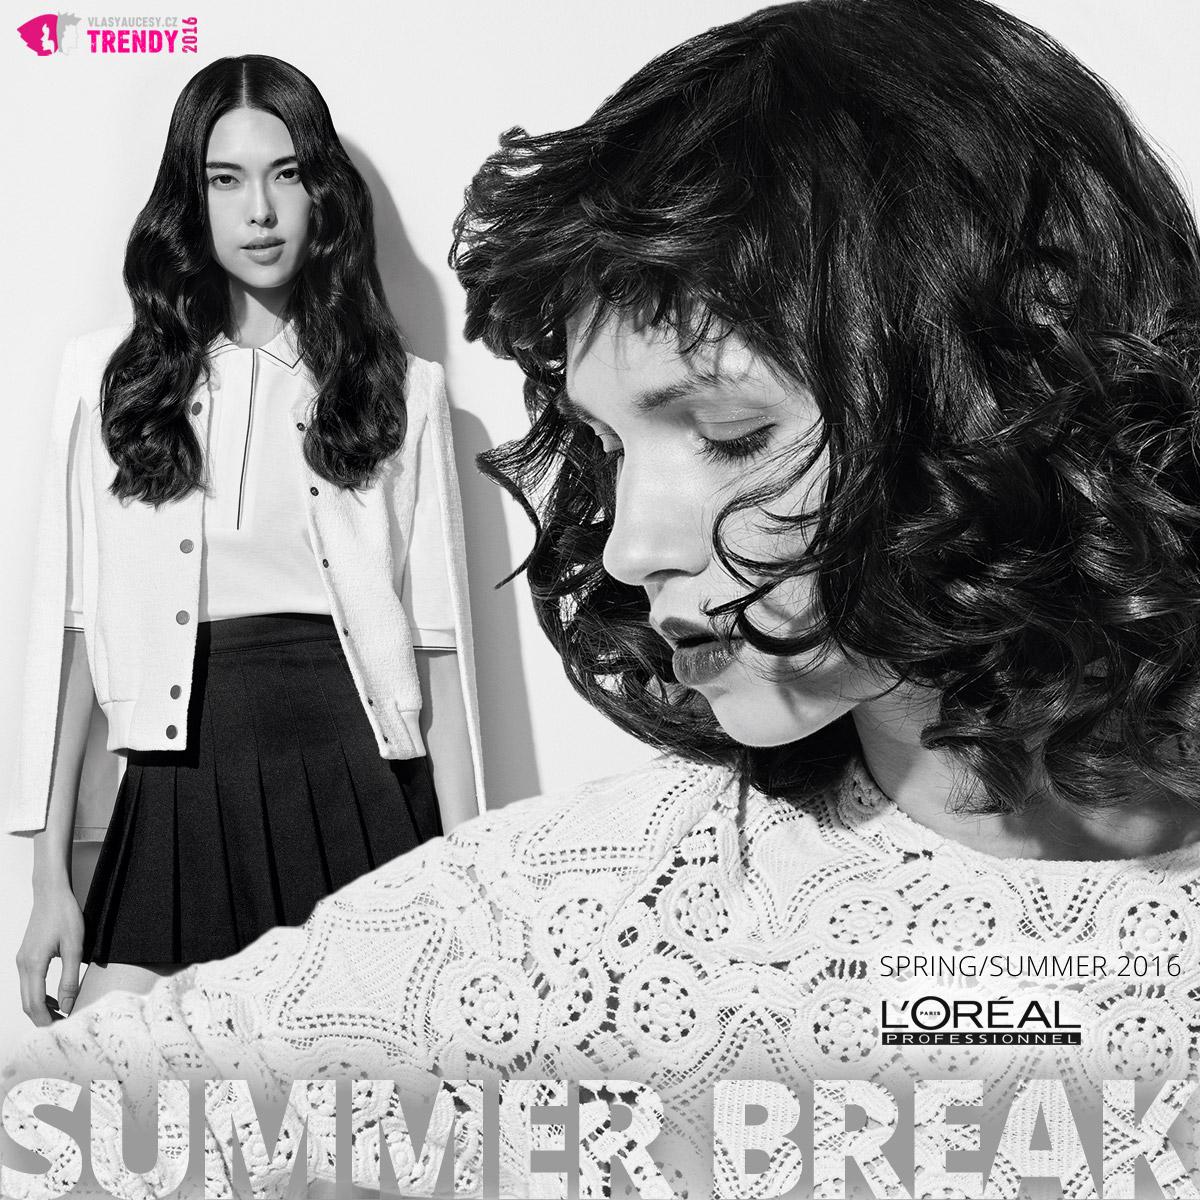 L'Oréal Professionnel představuje svoji kolekci Summer Break SS 2016. Pojďte se podívat na módní trendy pro jarní a letní účesy 2016. (Účes Flave a Curly Hair.)